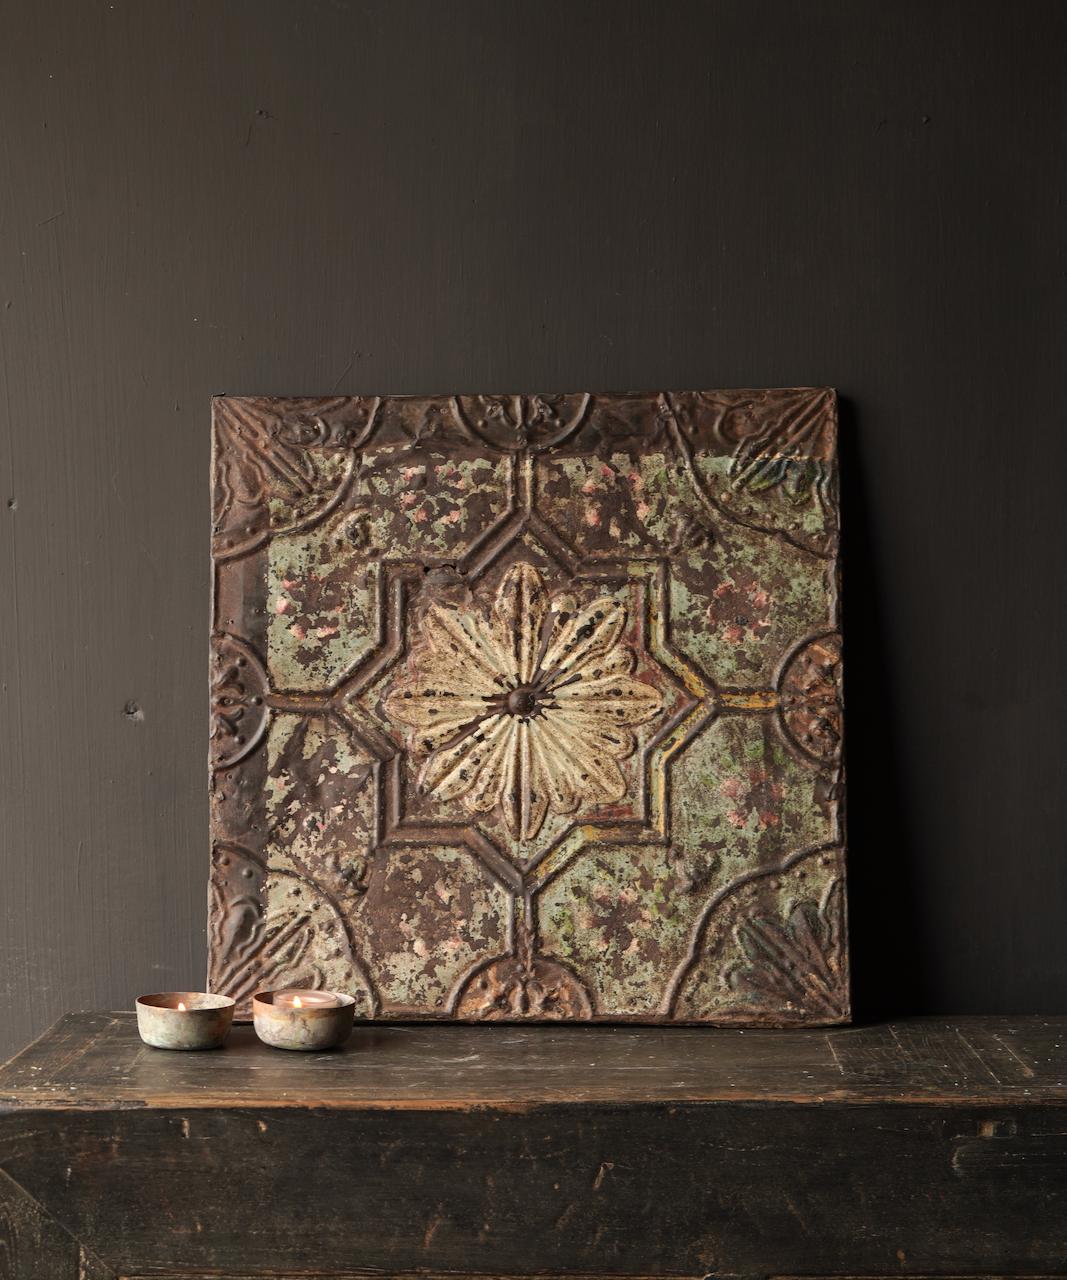 Schöne alte Deckenplatte, eingerahmt in einen Holzrahmen-1